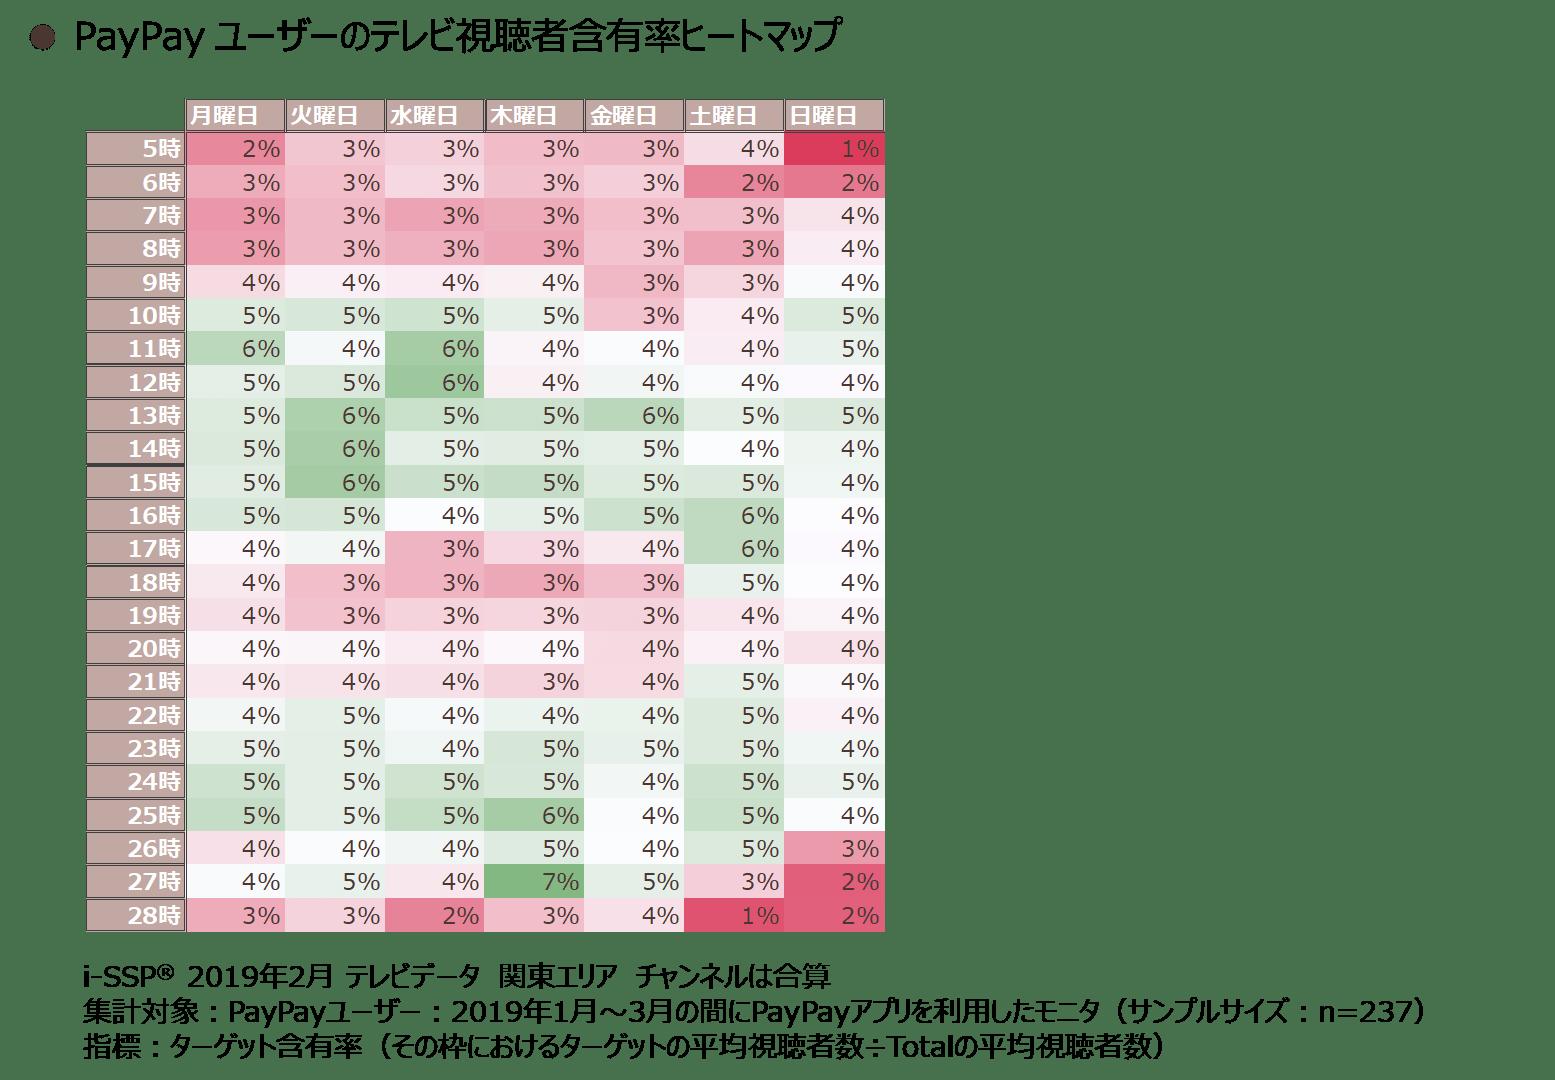 PayPayユーザーのテレビ視聴者含有率ヒートマップ